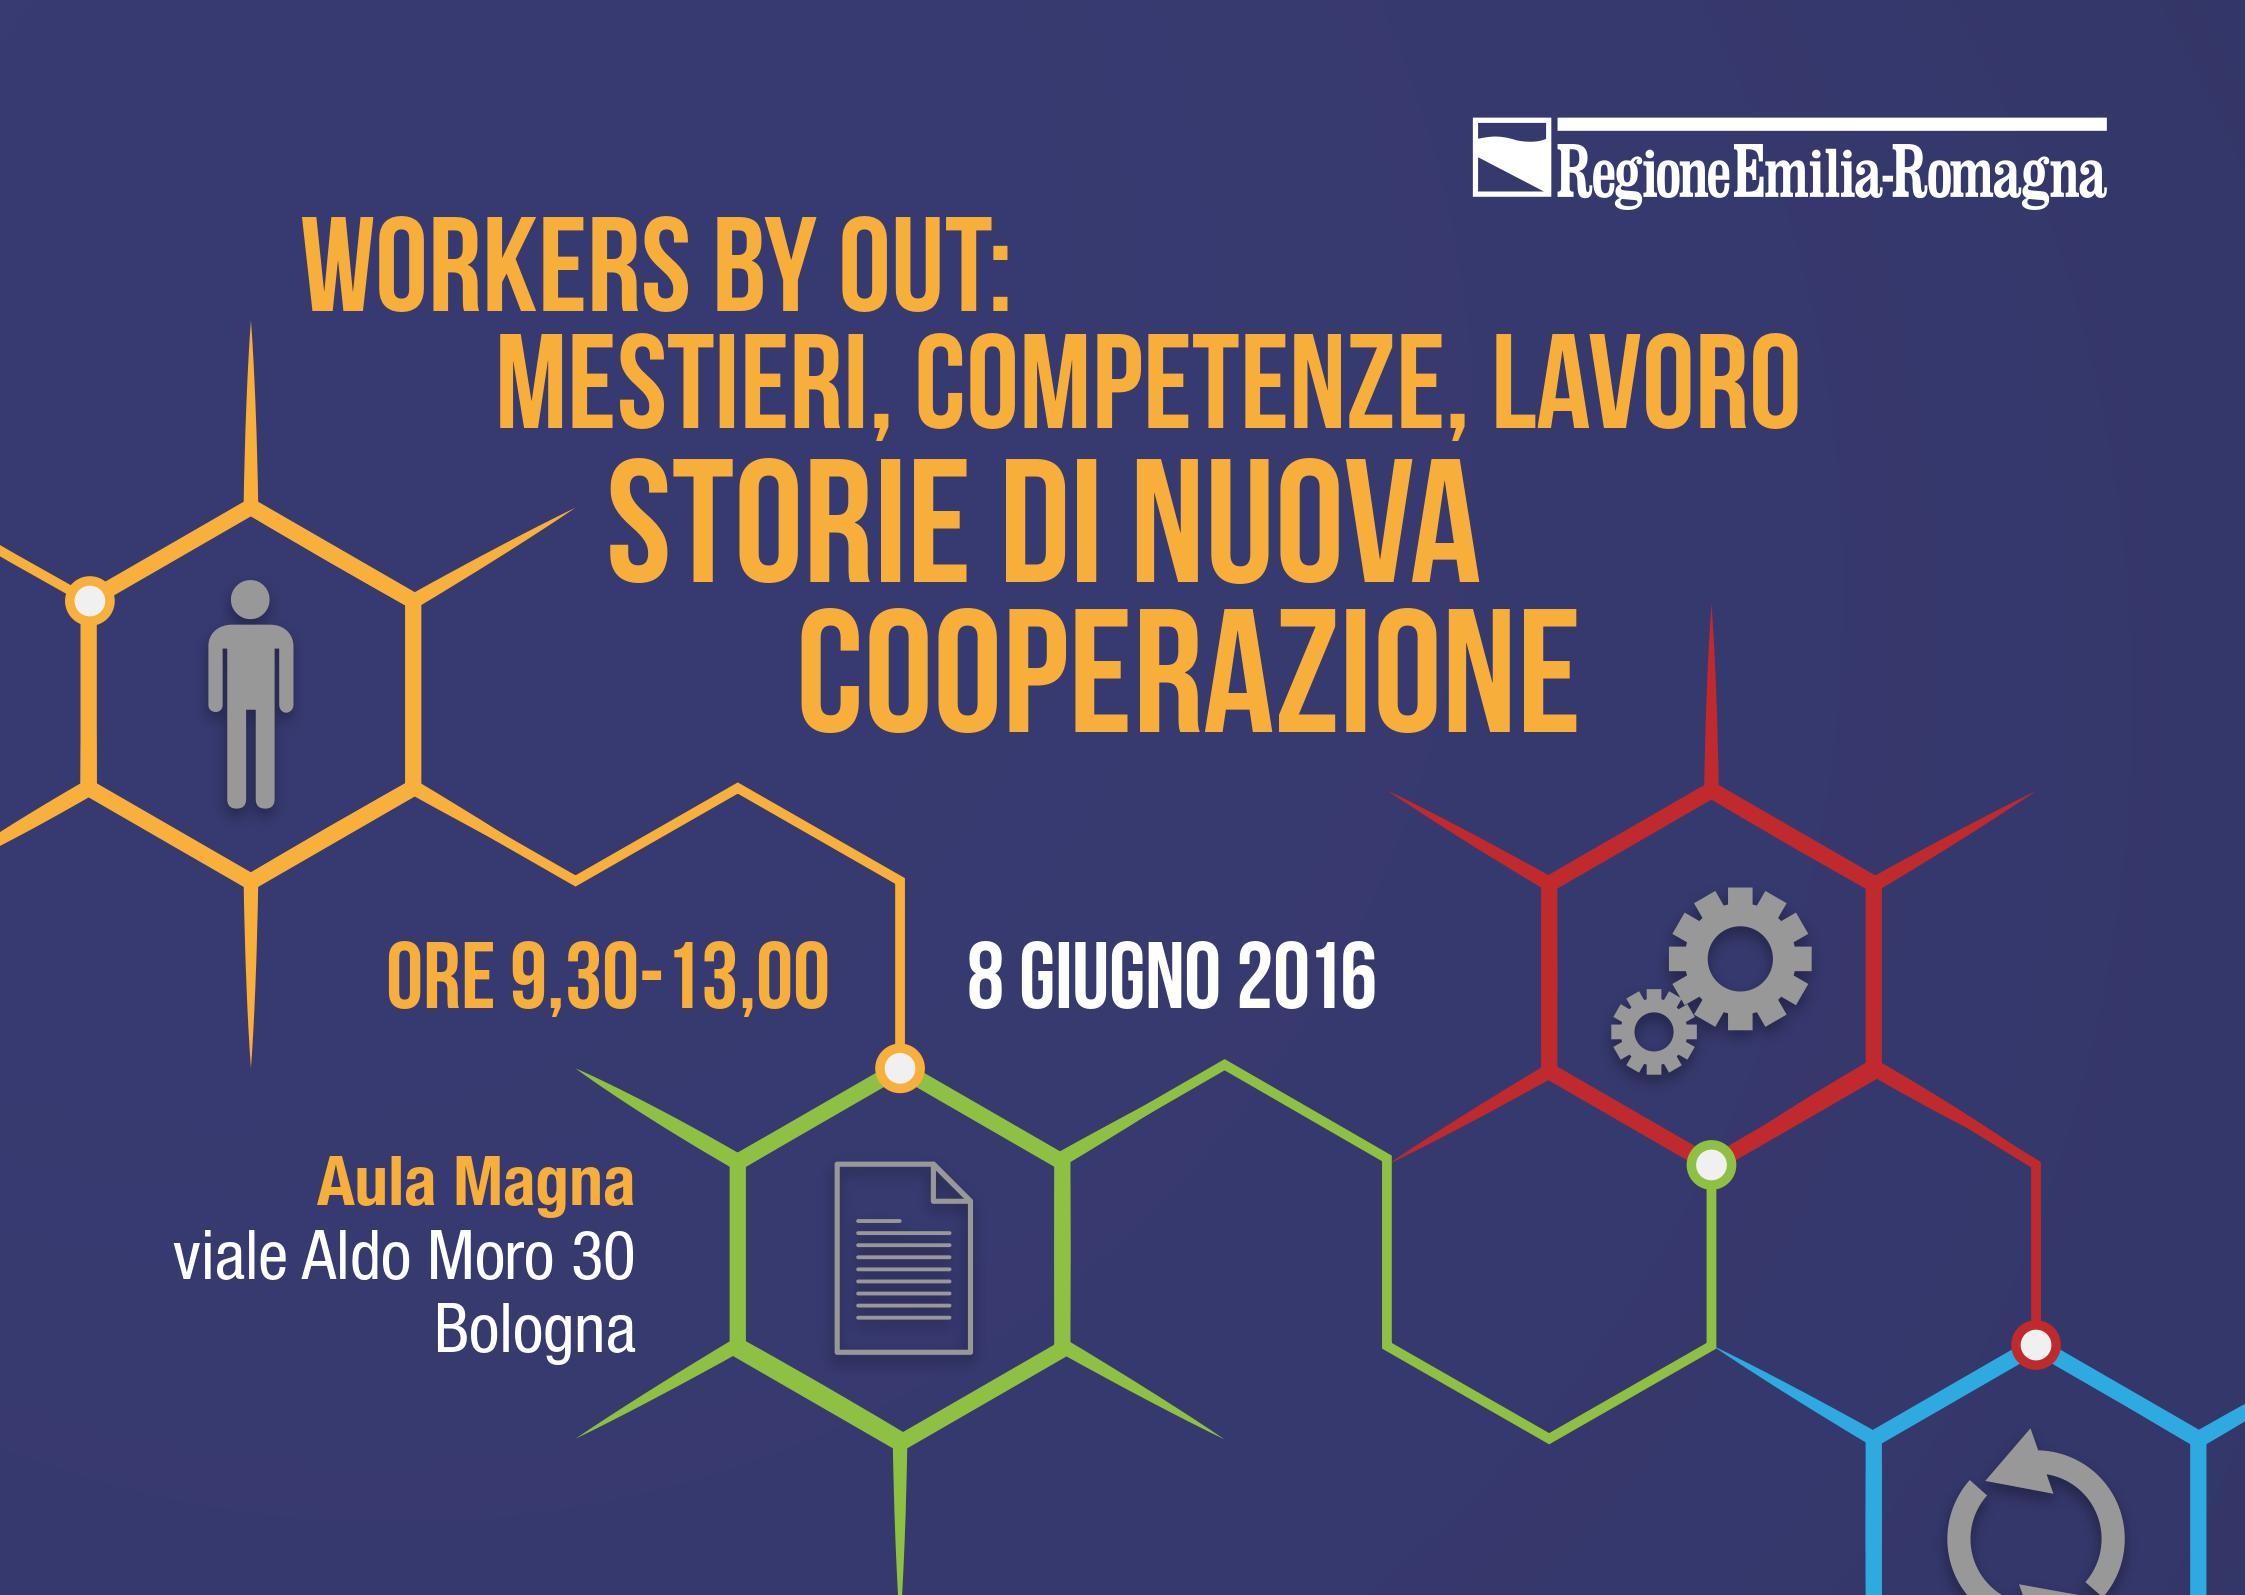 Workers Buyout: a Bologna l'incontro per raccontare storie di nuova cooperazione, mercoledì 8 giugno